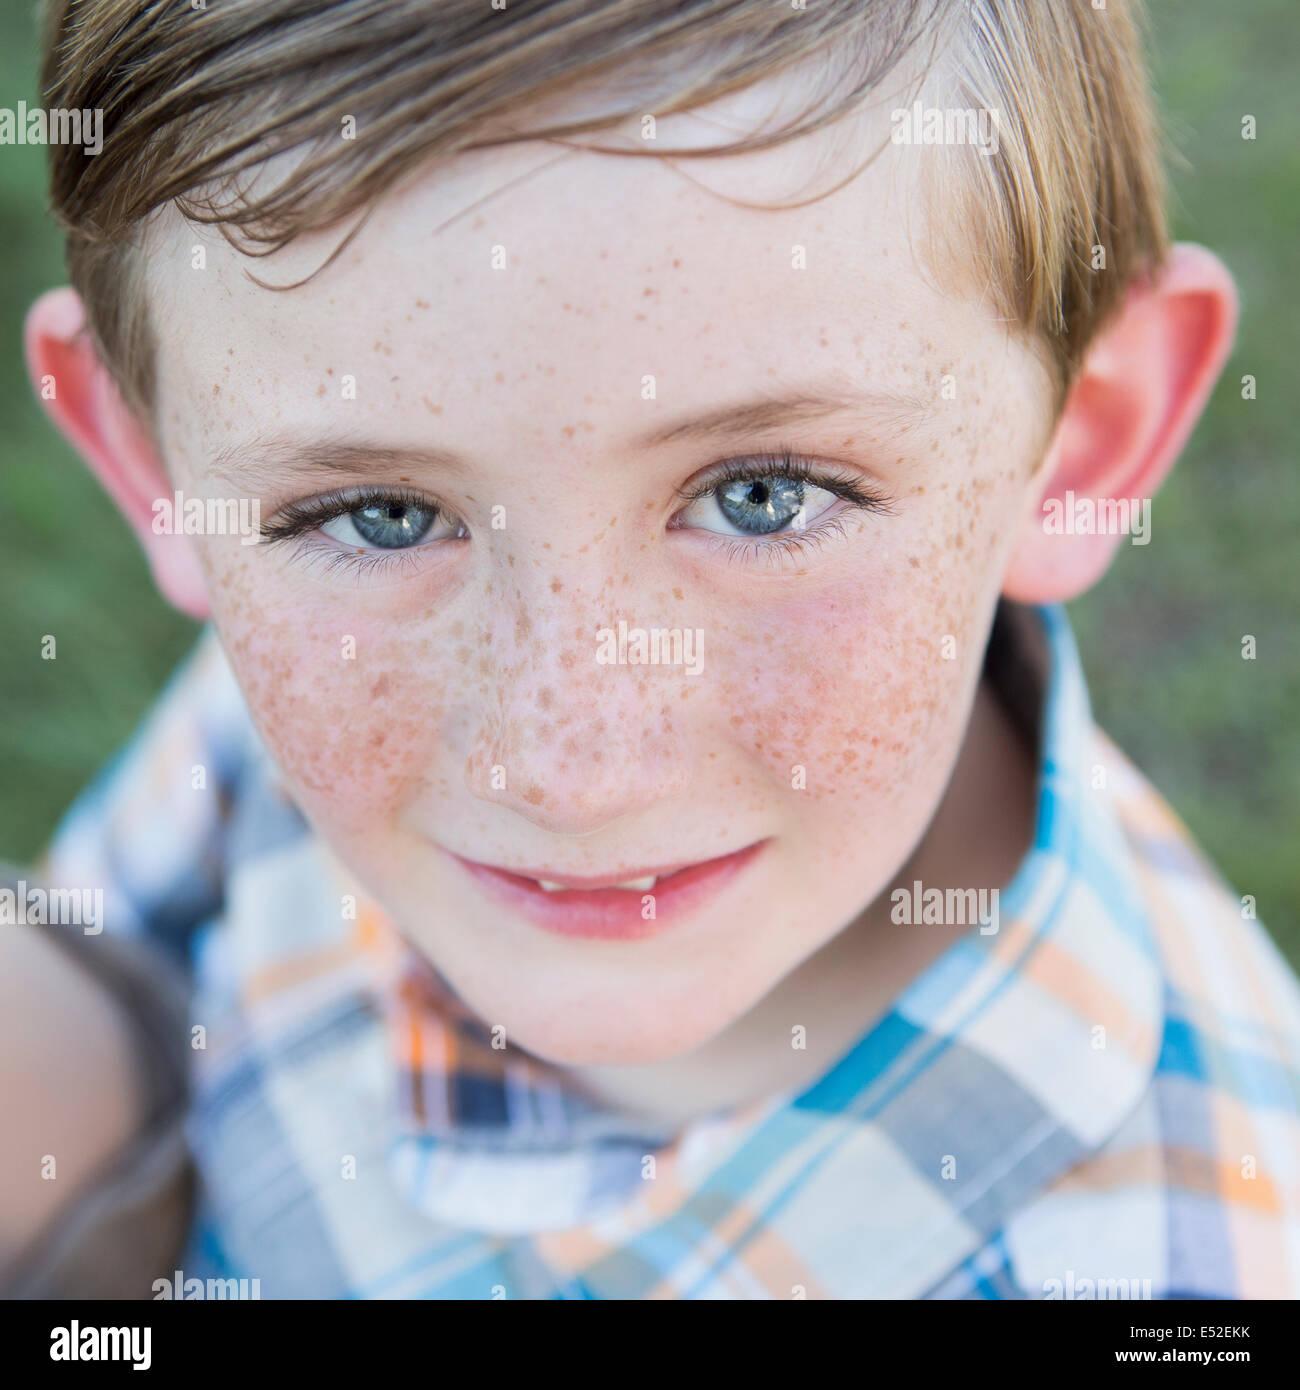 Retrato de una joven con ojos azules y pecas en su nariz. Imagen De Stock